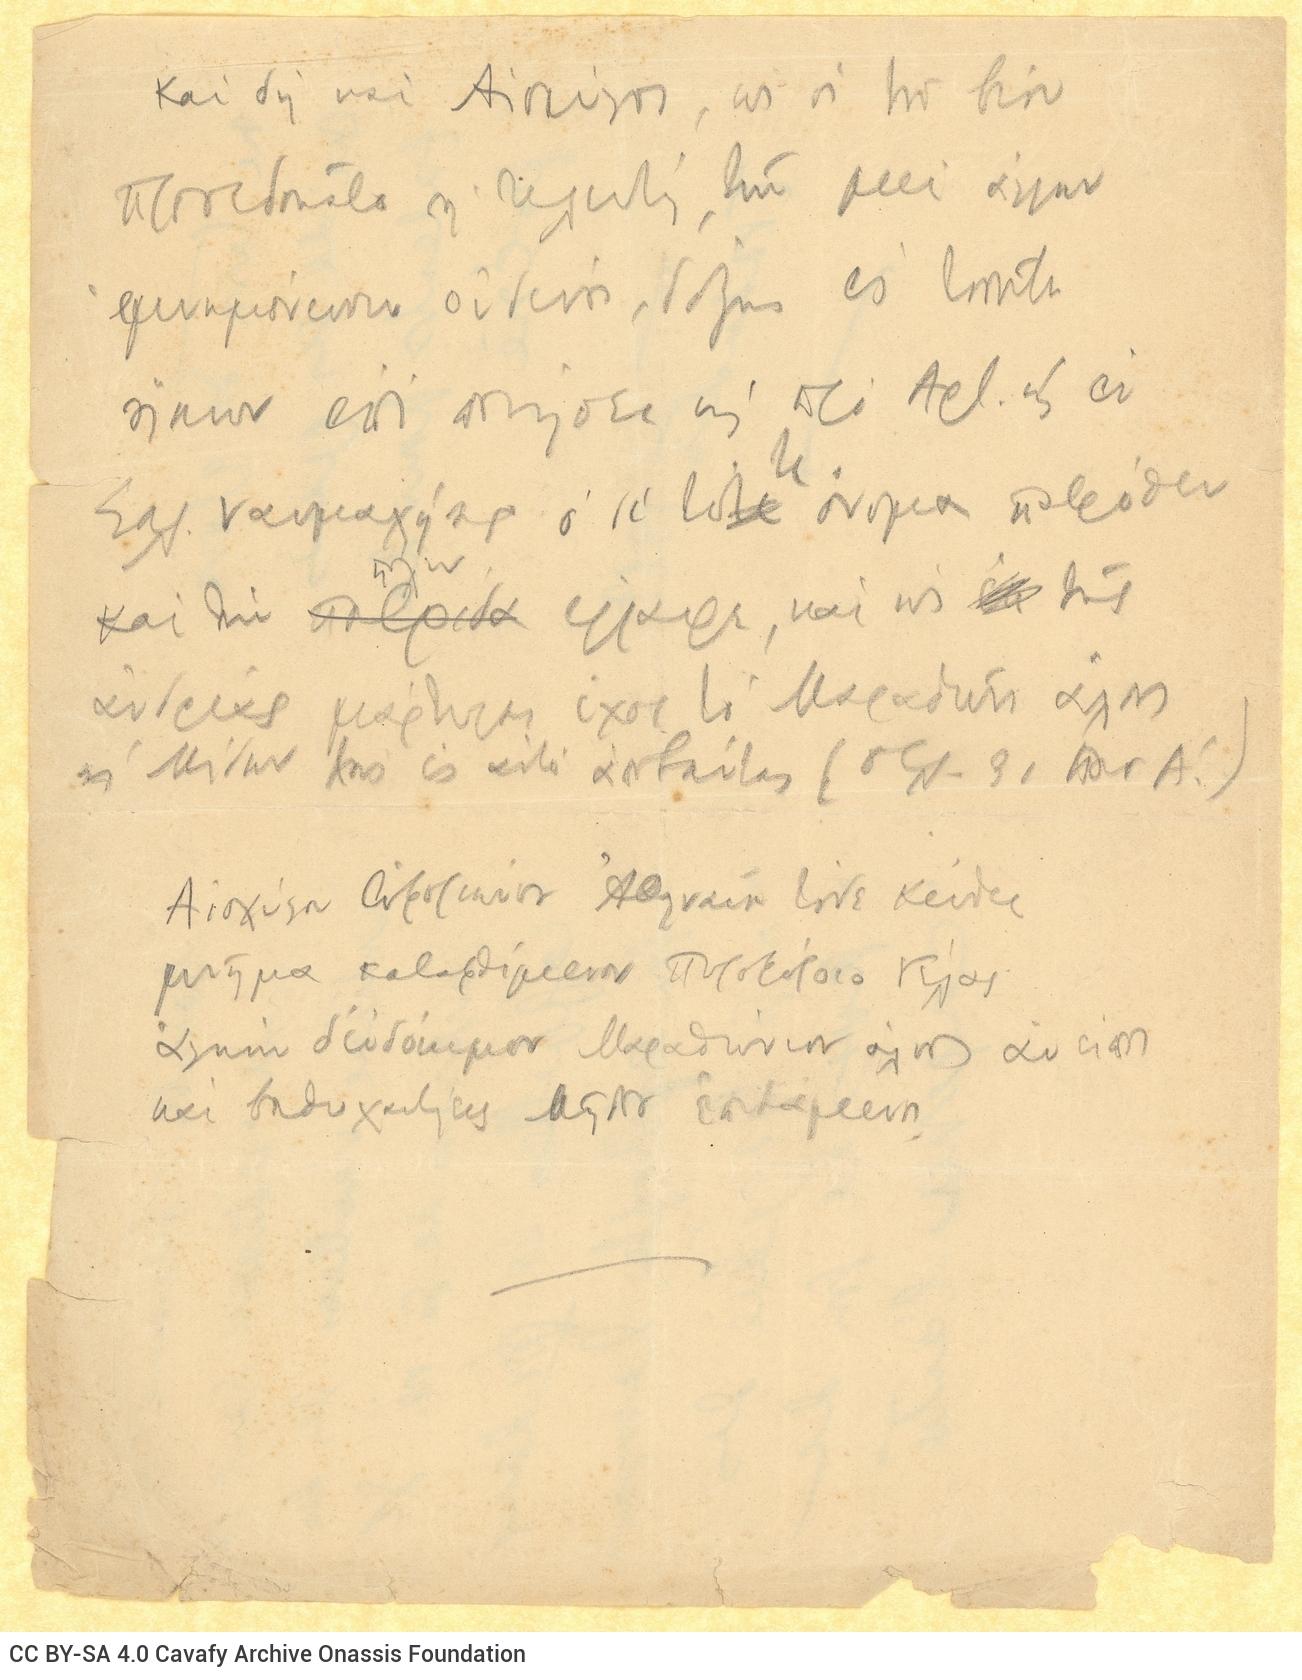 Χειρόγραφες σημειώσεις στις δύο όψεις φύλλου. Αναφορά στον Αισχύλ�